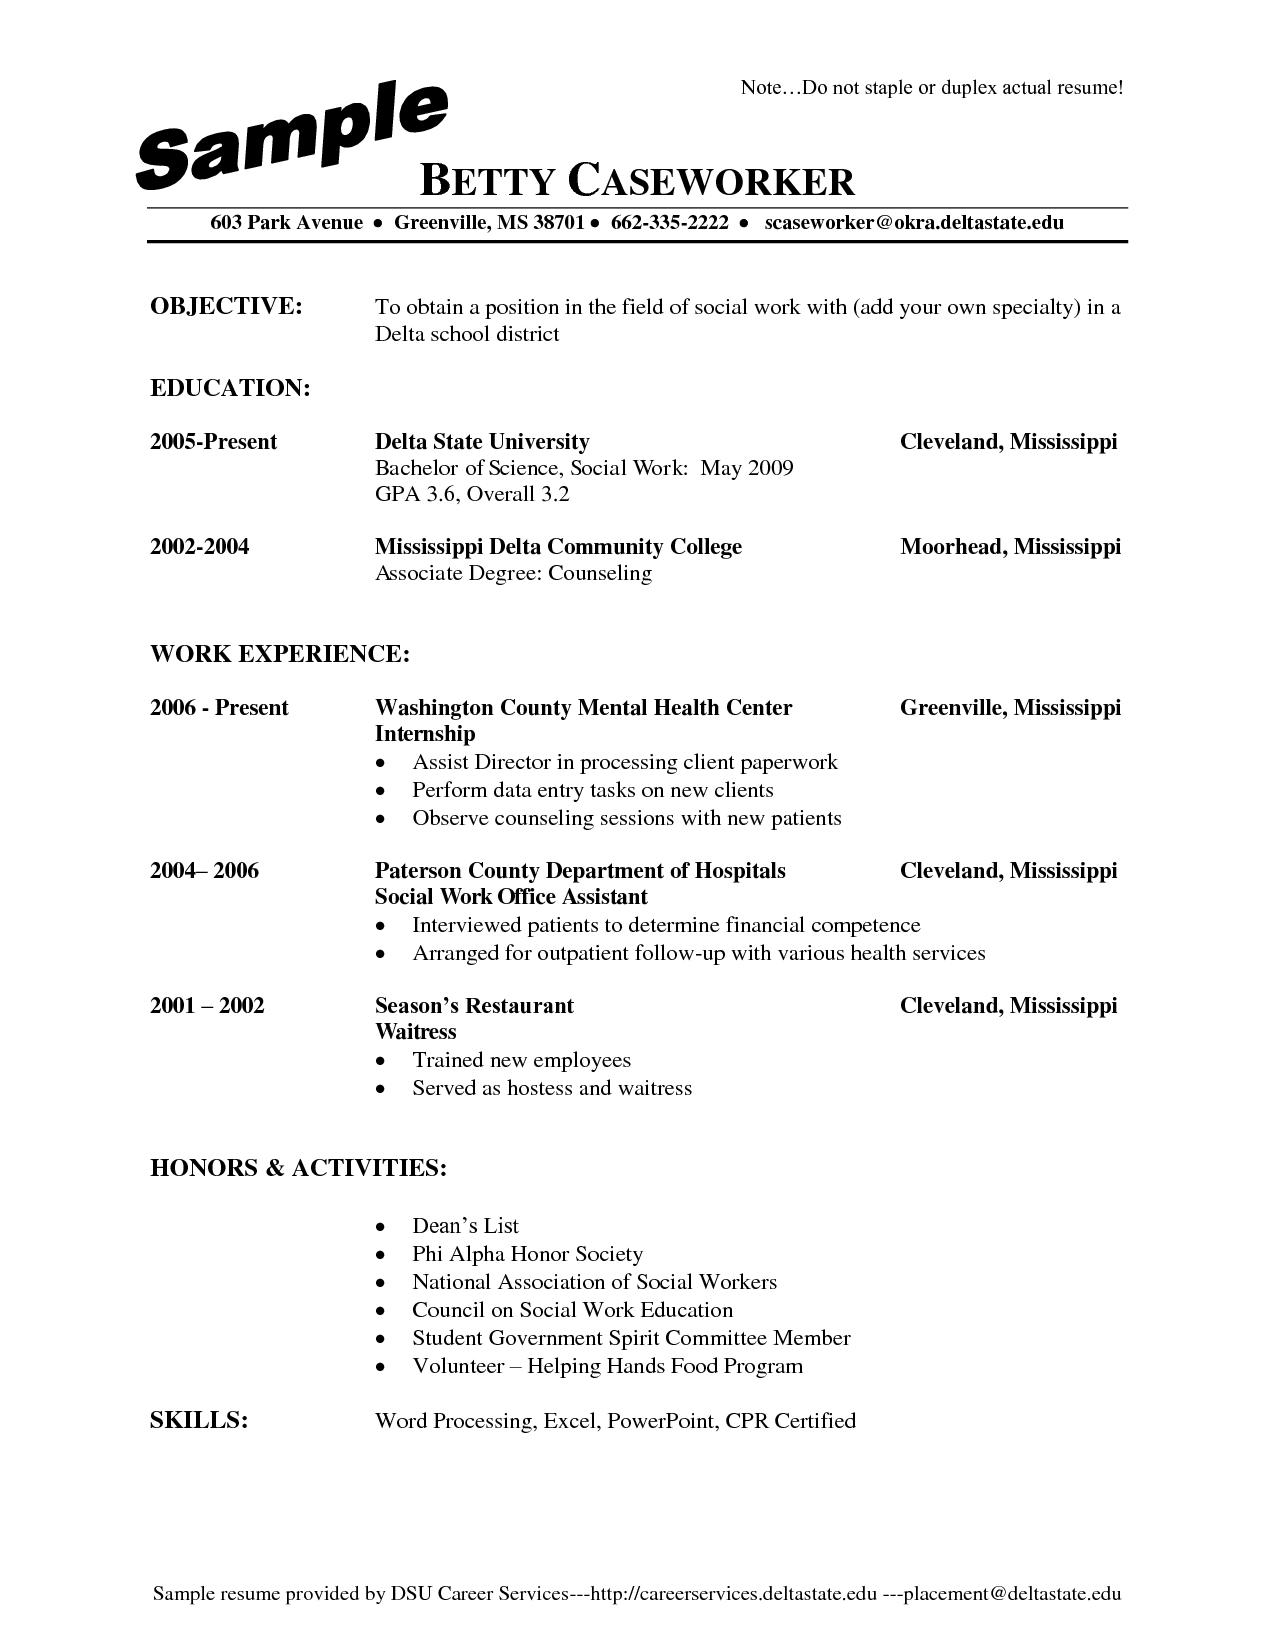 job resume pdf in australia